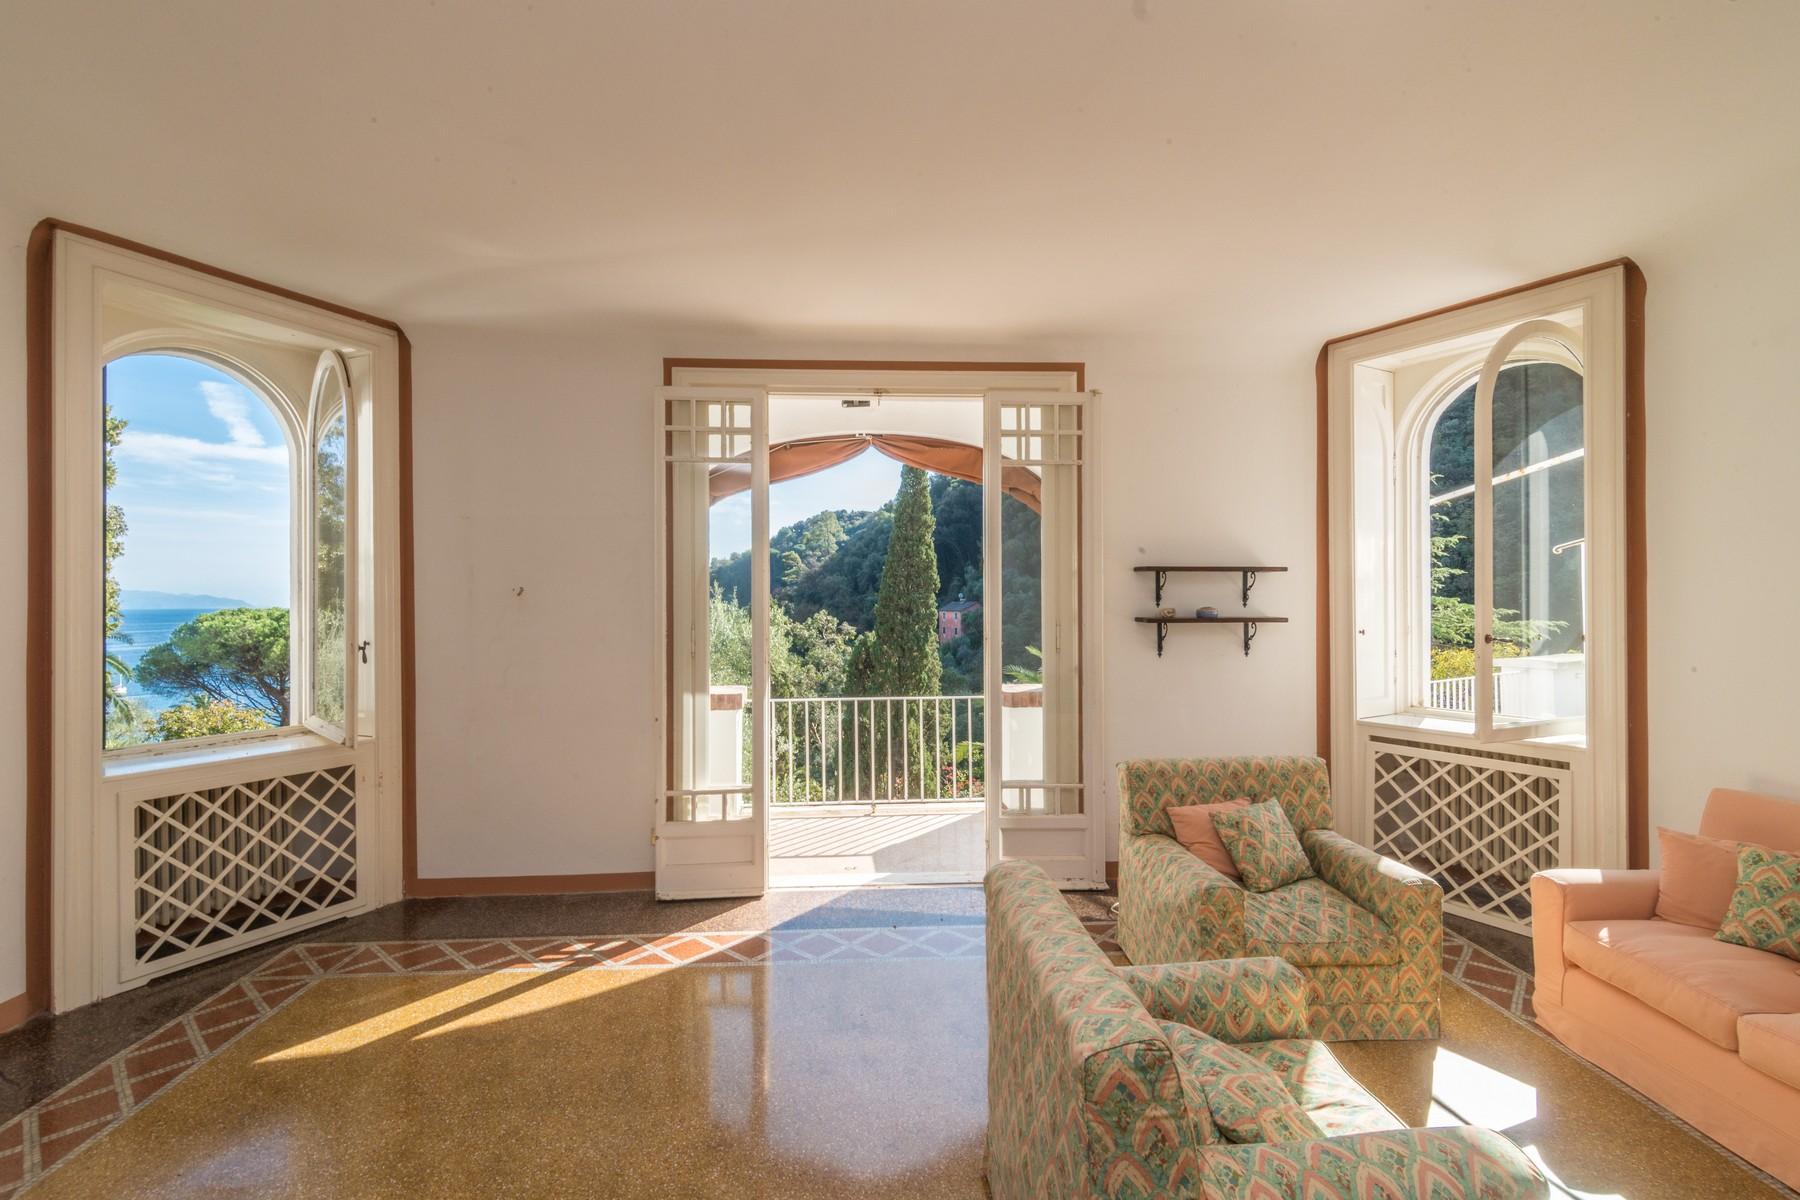 Appartamento in Vendita a Santa Margherita Ligure: 5 locali, 230 mq - Foto 4